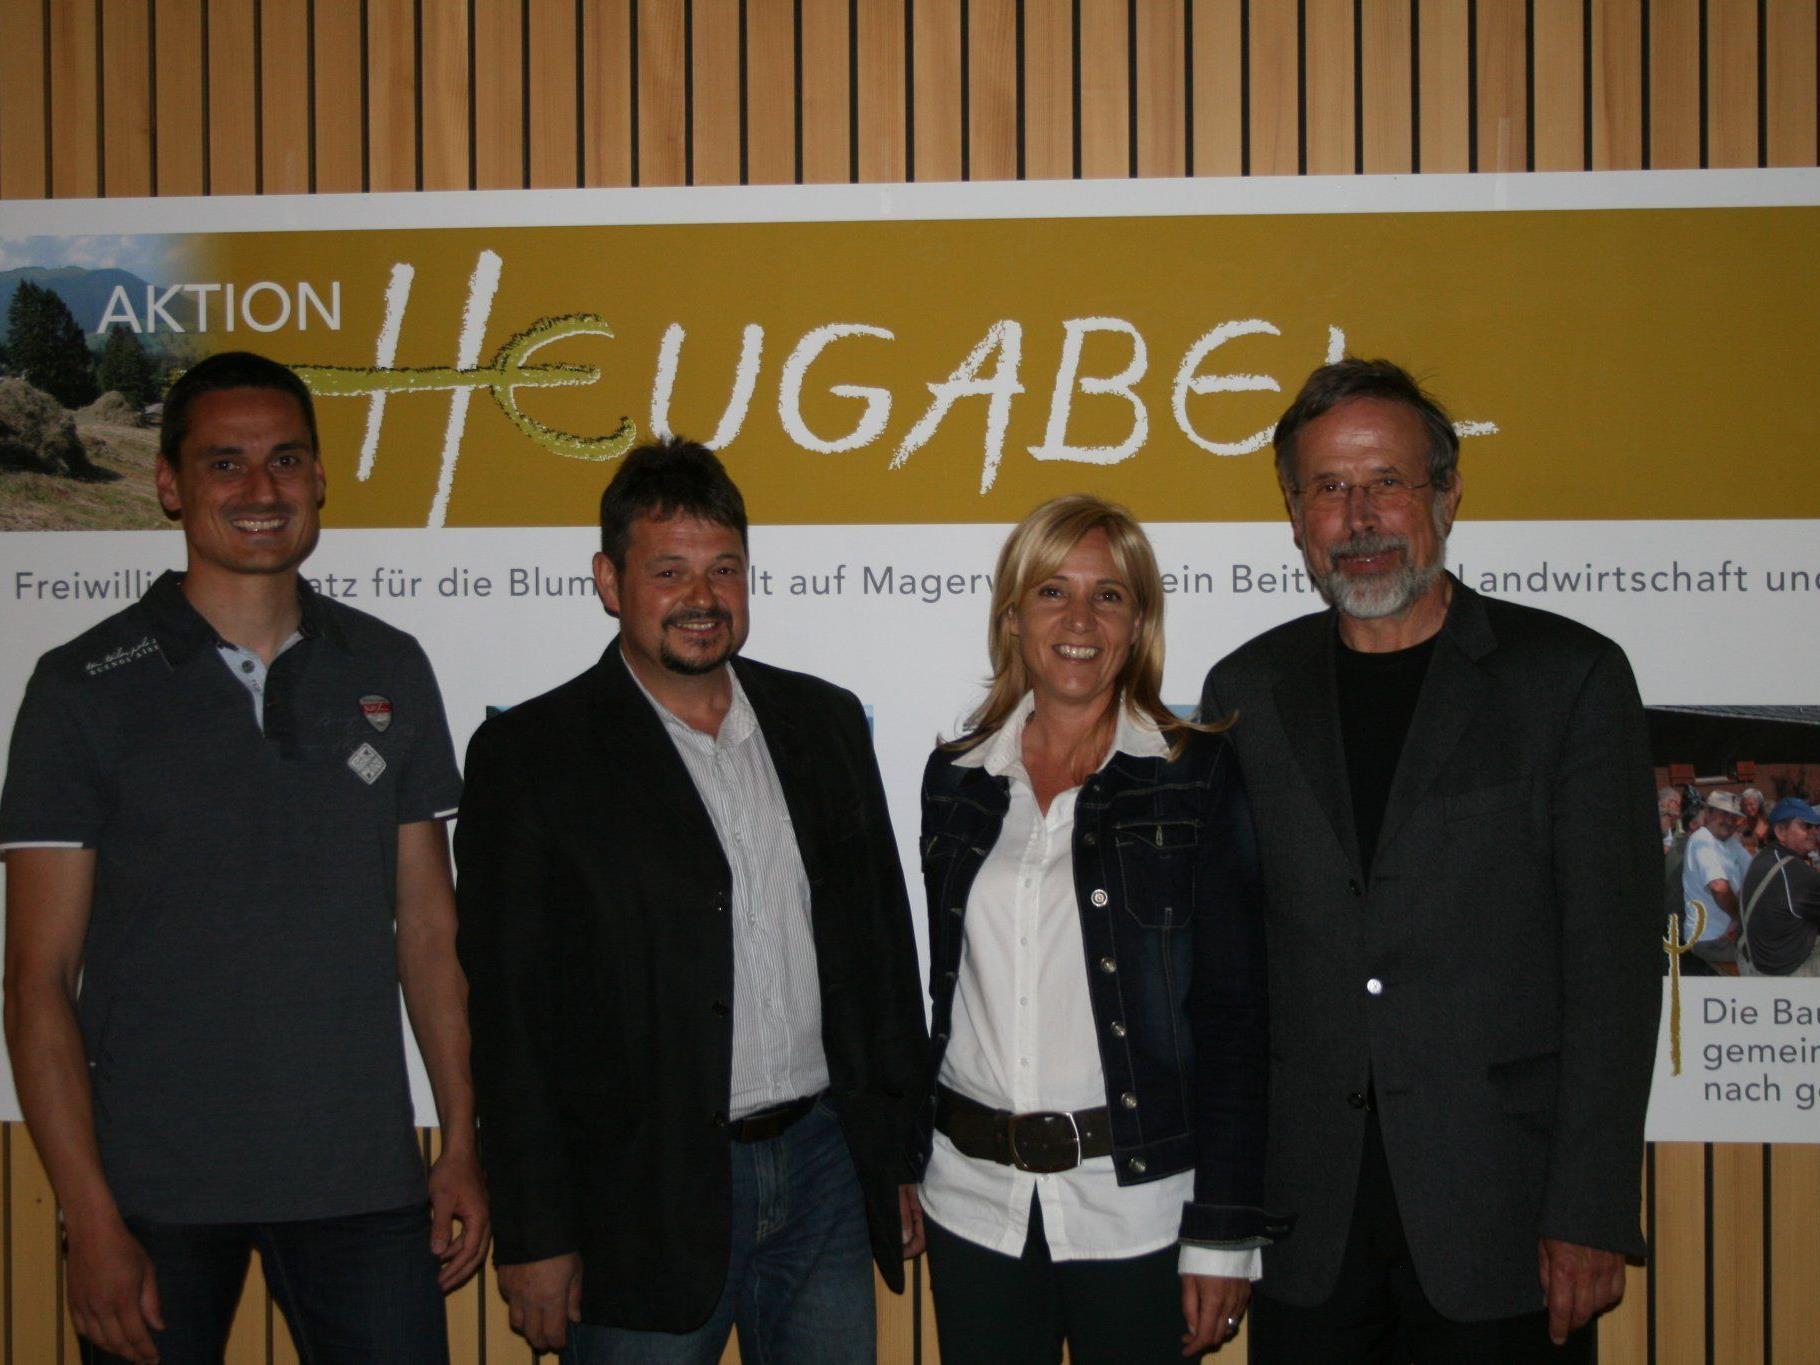 Chef Raiba Gager Michael mit BM Walter Rauch, Birgit Werle (Regio Walgau) und Günter Stadler